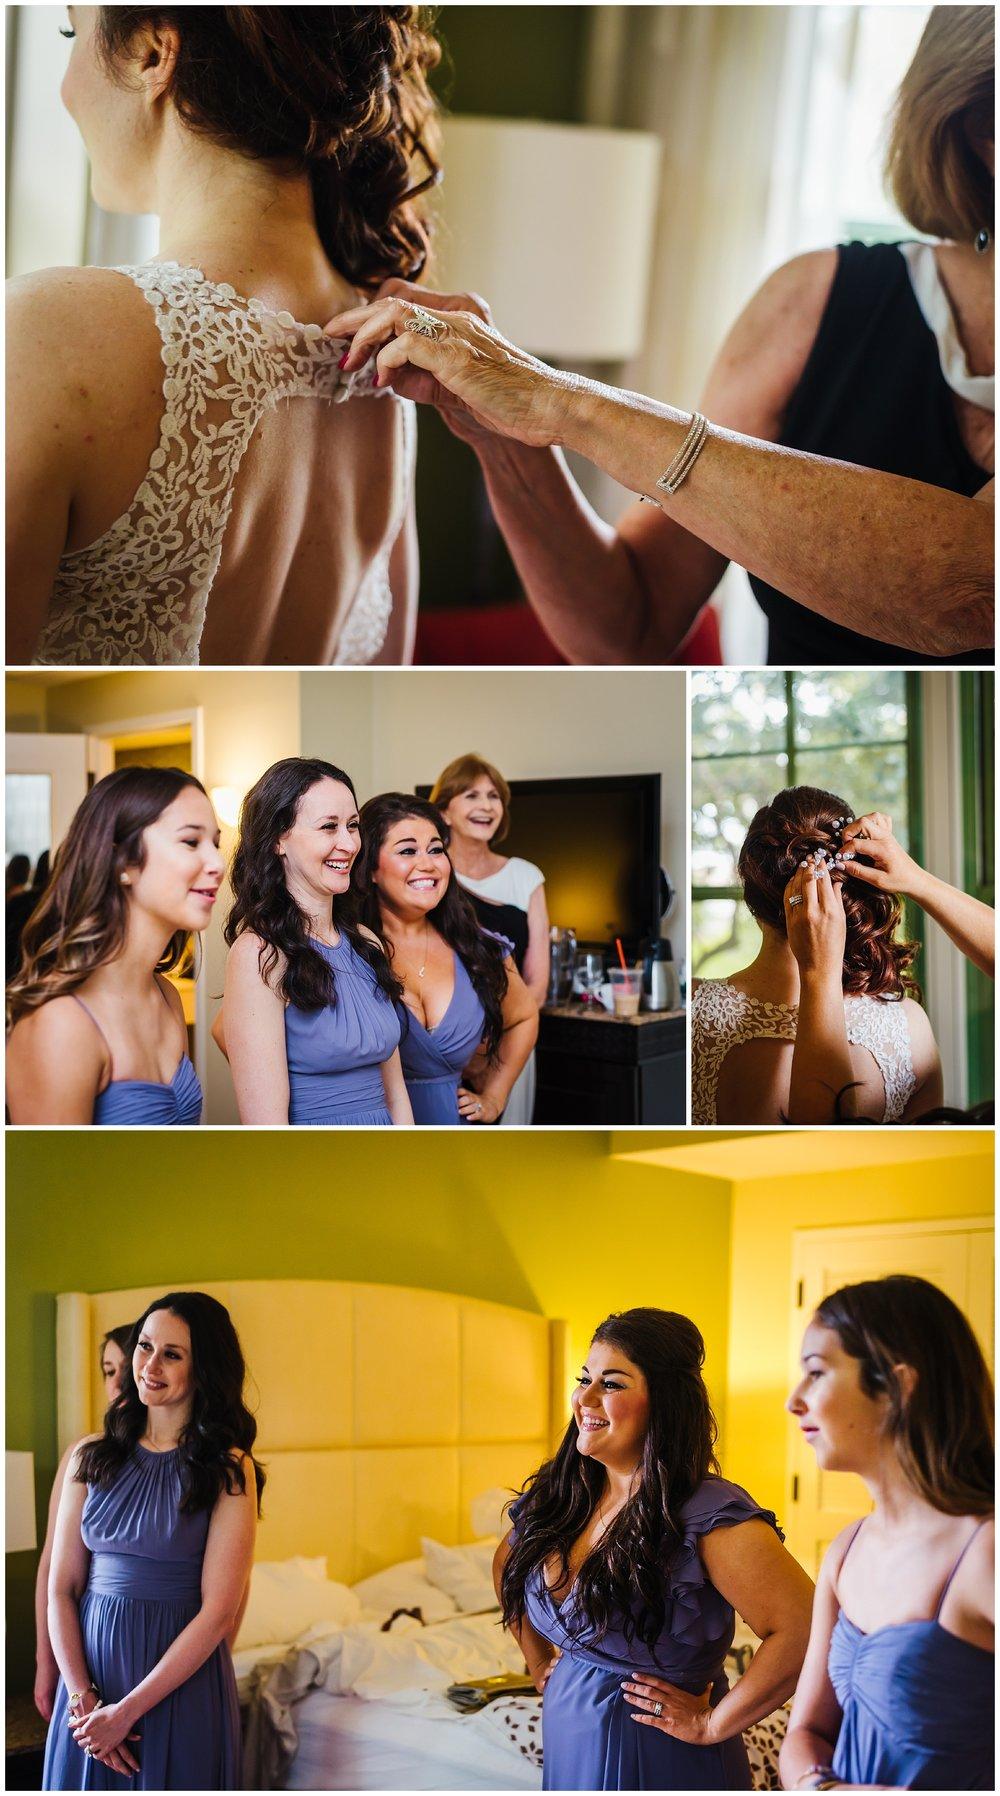 st-pete-wedding-photographer-nova-535-murals-downtown-lavendar_0006.jpg